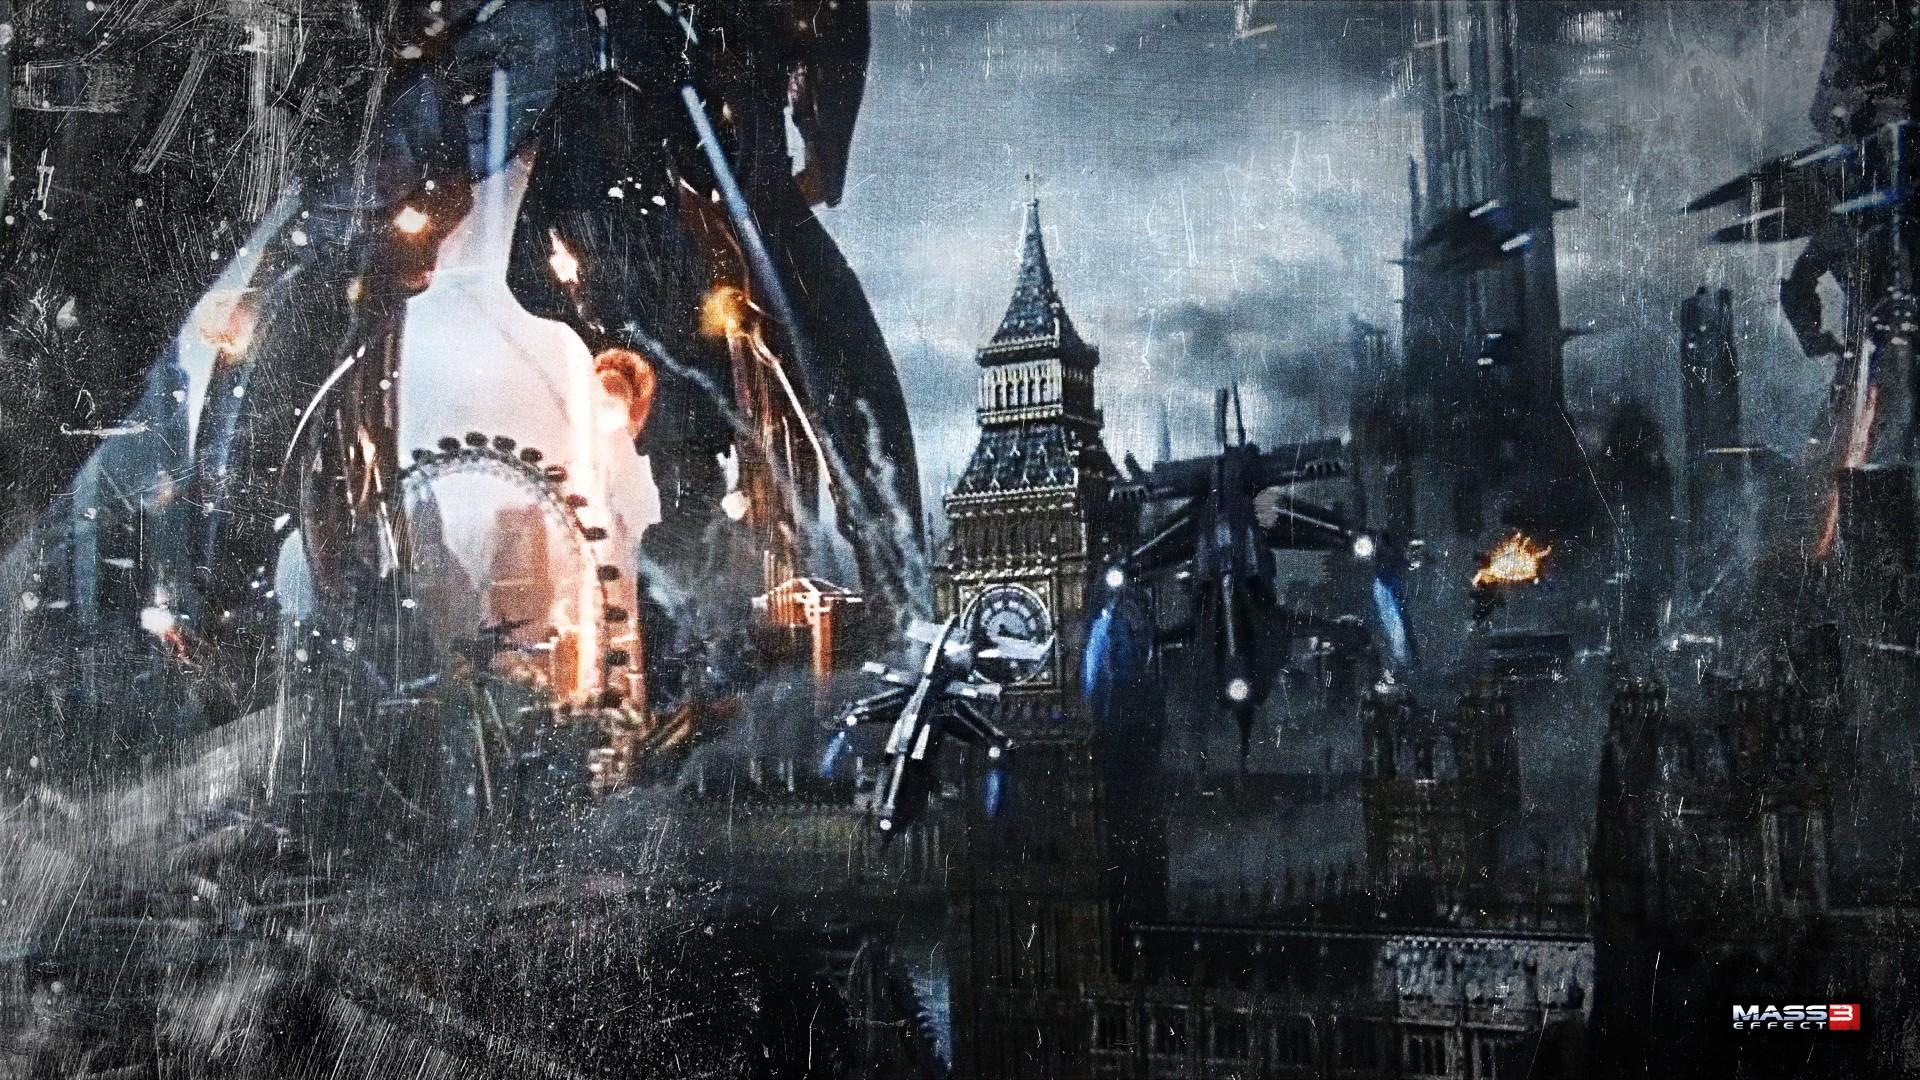 Mass Effect 3 Wallpaper 1920x1080 - WallpaperSafari